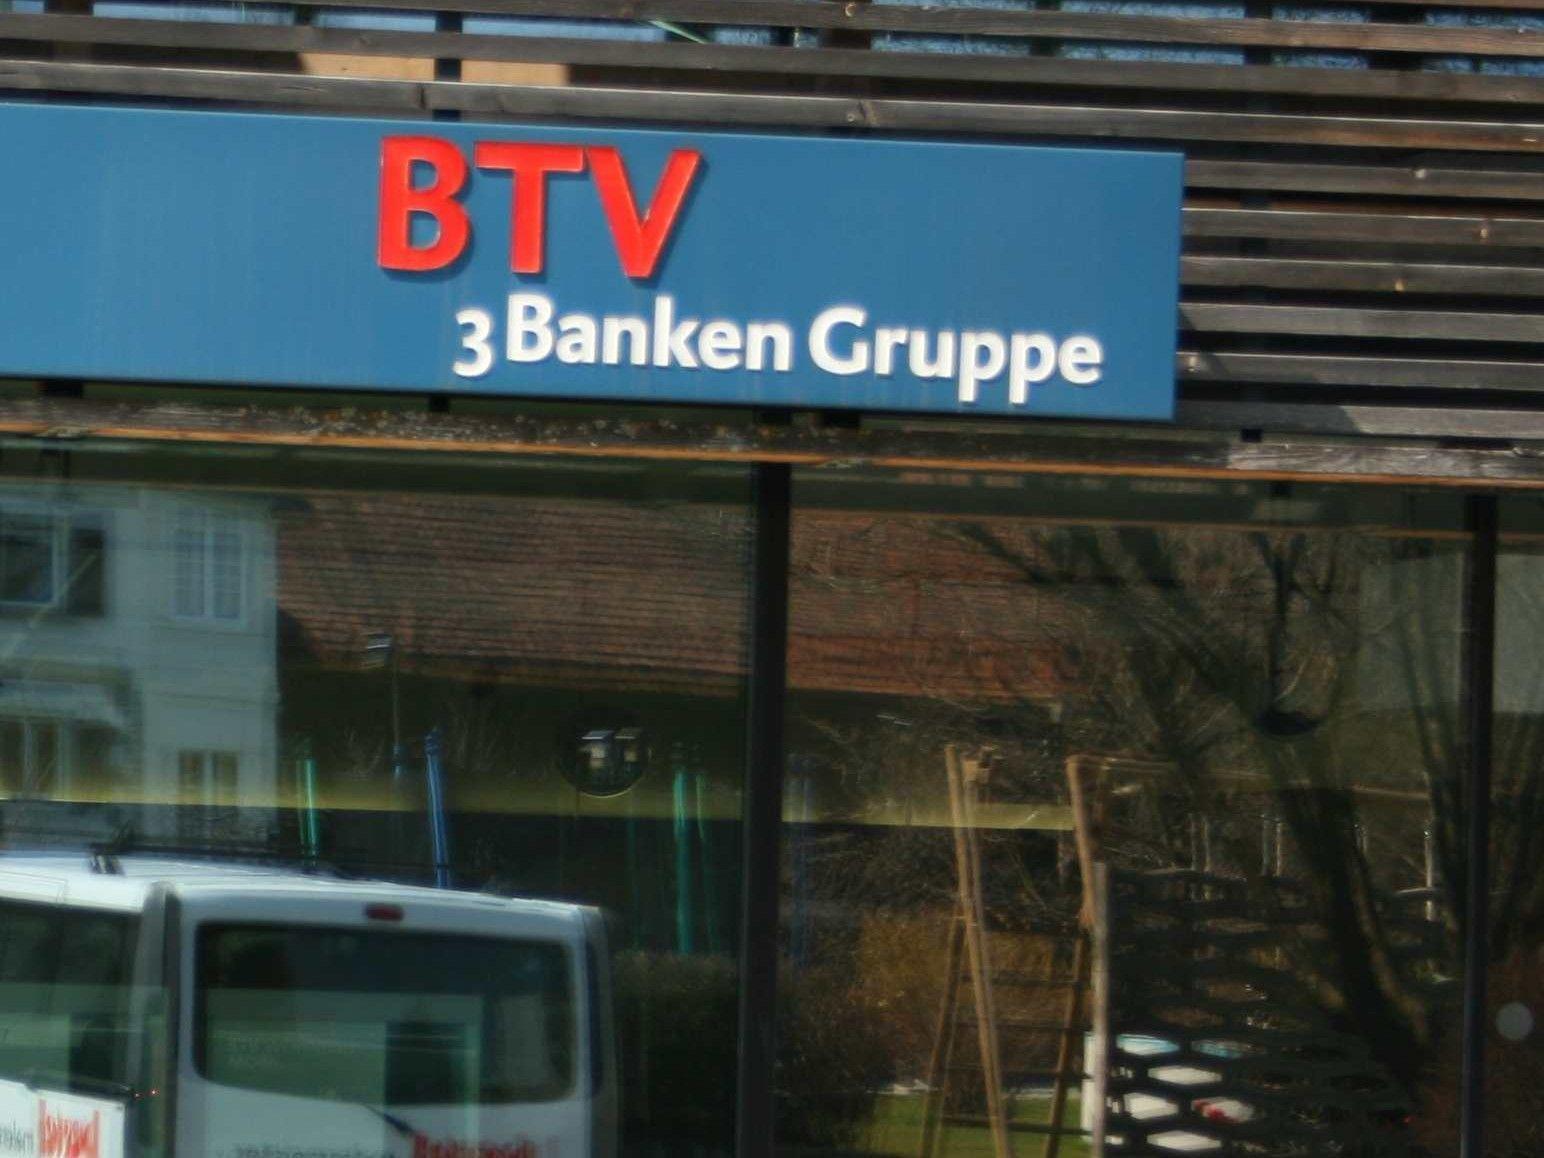 Bilanzsumme der BTV mit 9,2 Mrd. Euro erstmals über 9-Milliarden-Marke.